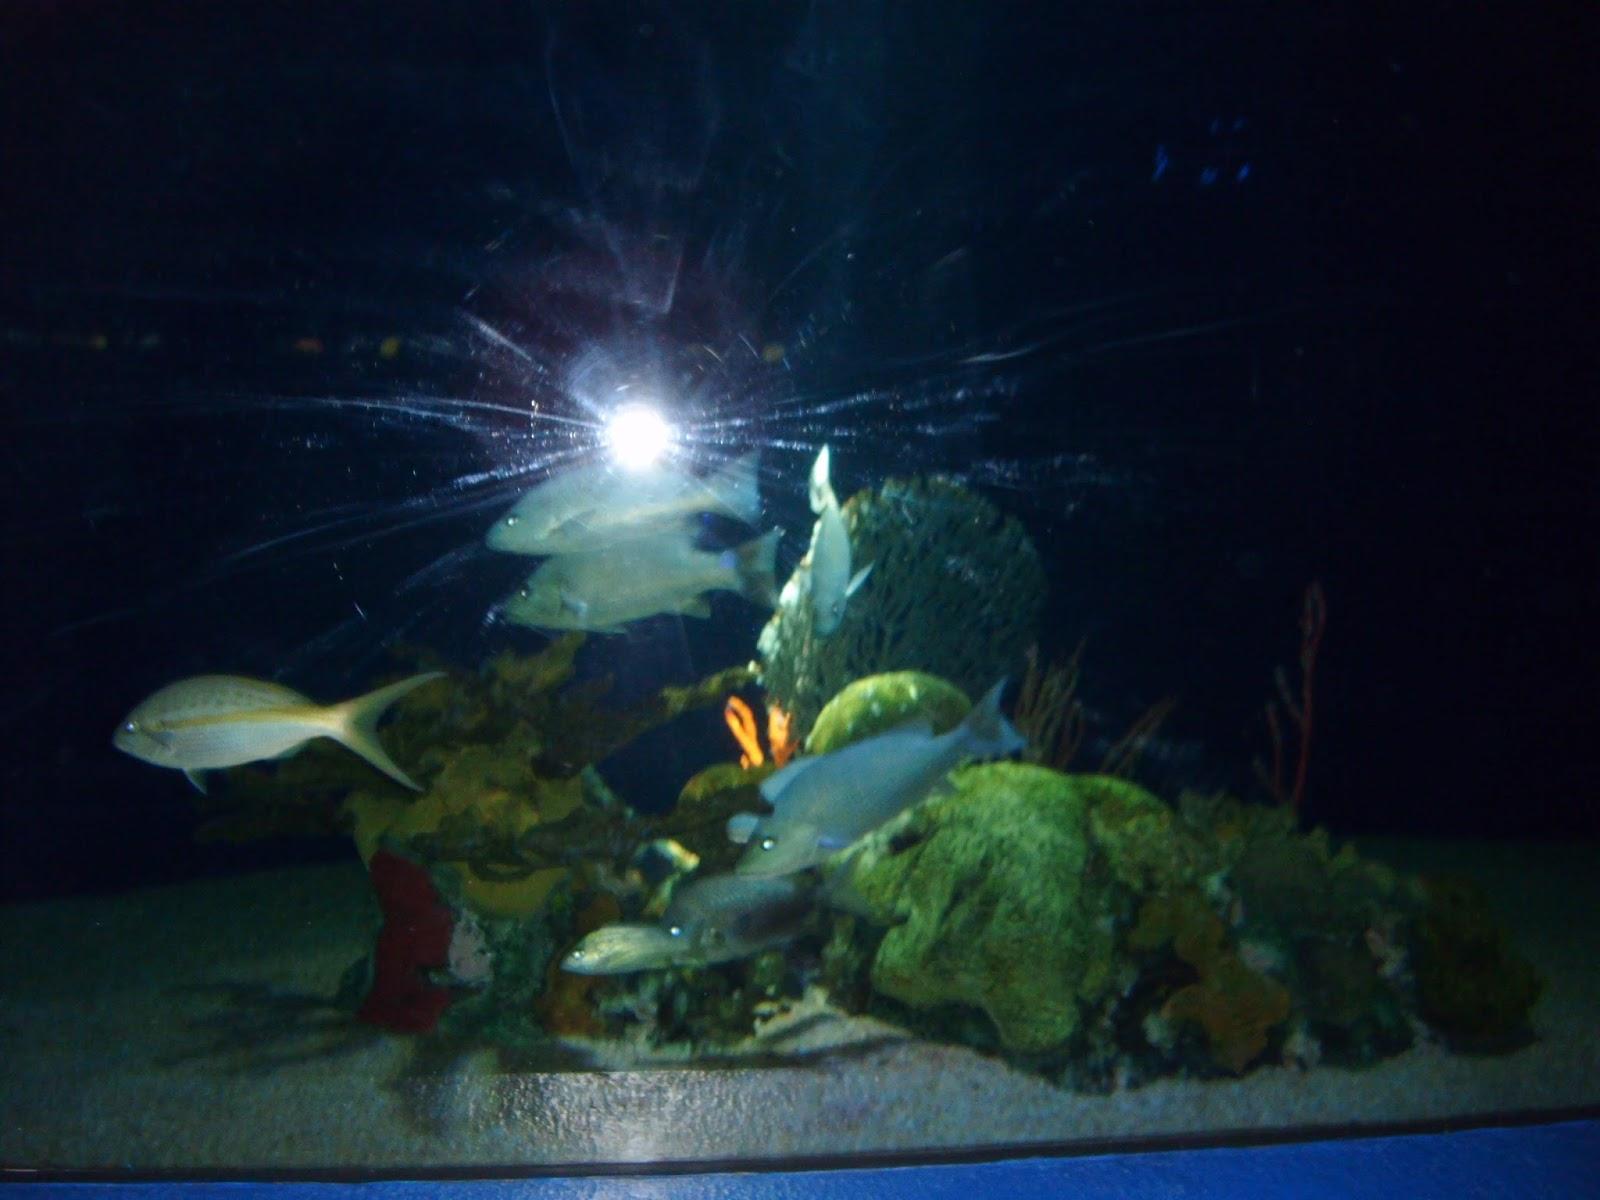 Antorcha de jardín peces estrella caracteres set con mango y despierta papel fuego Flair